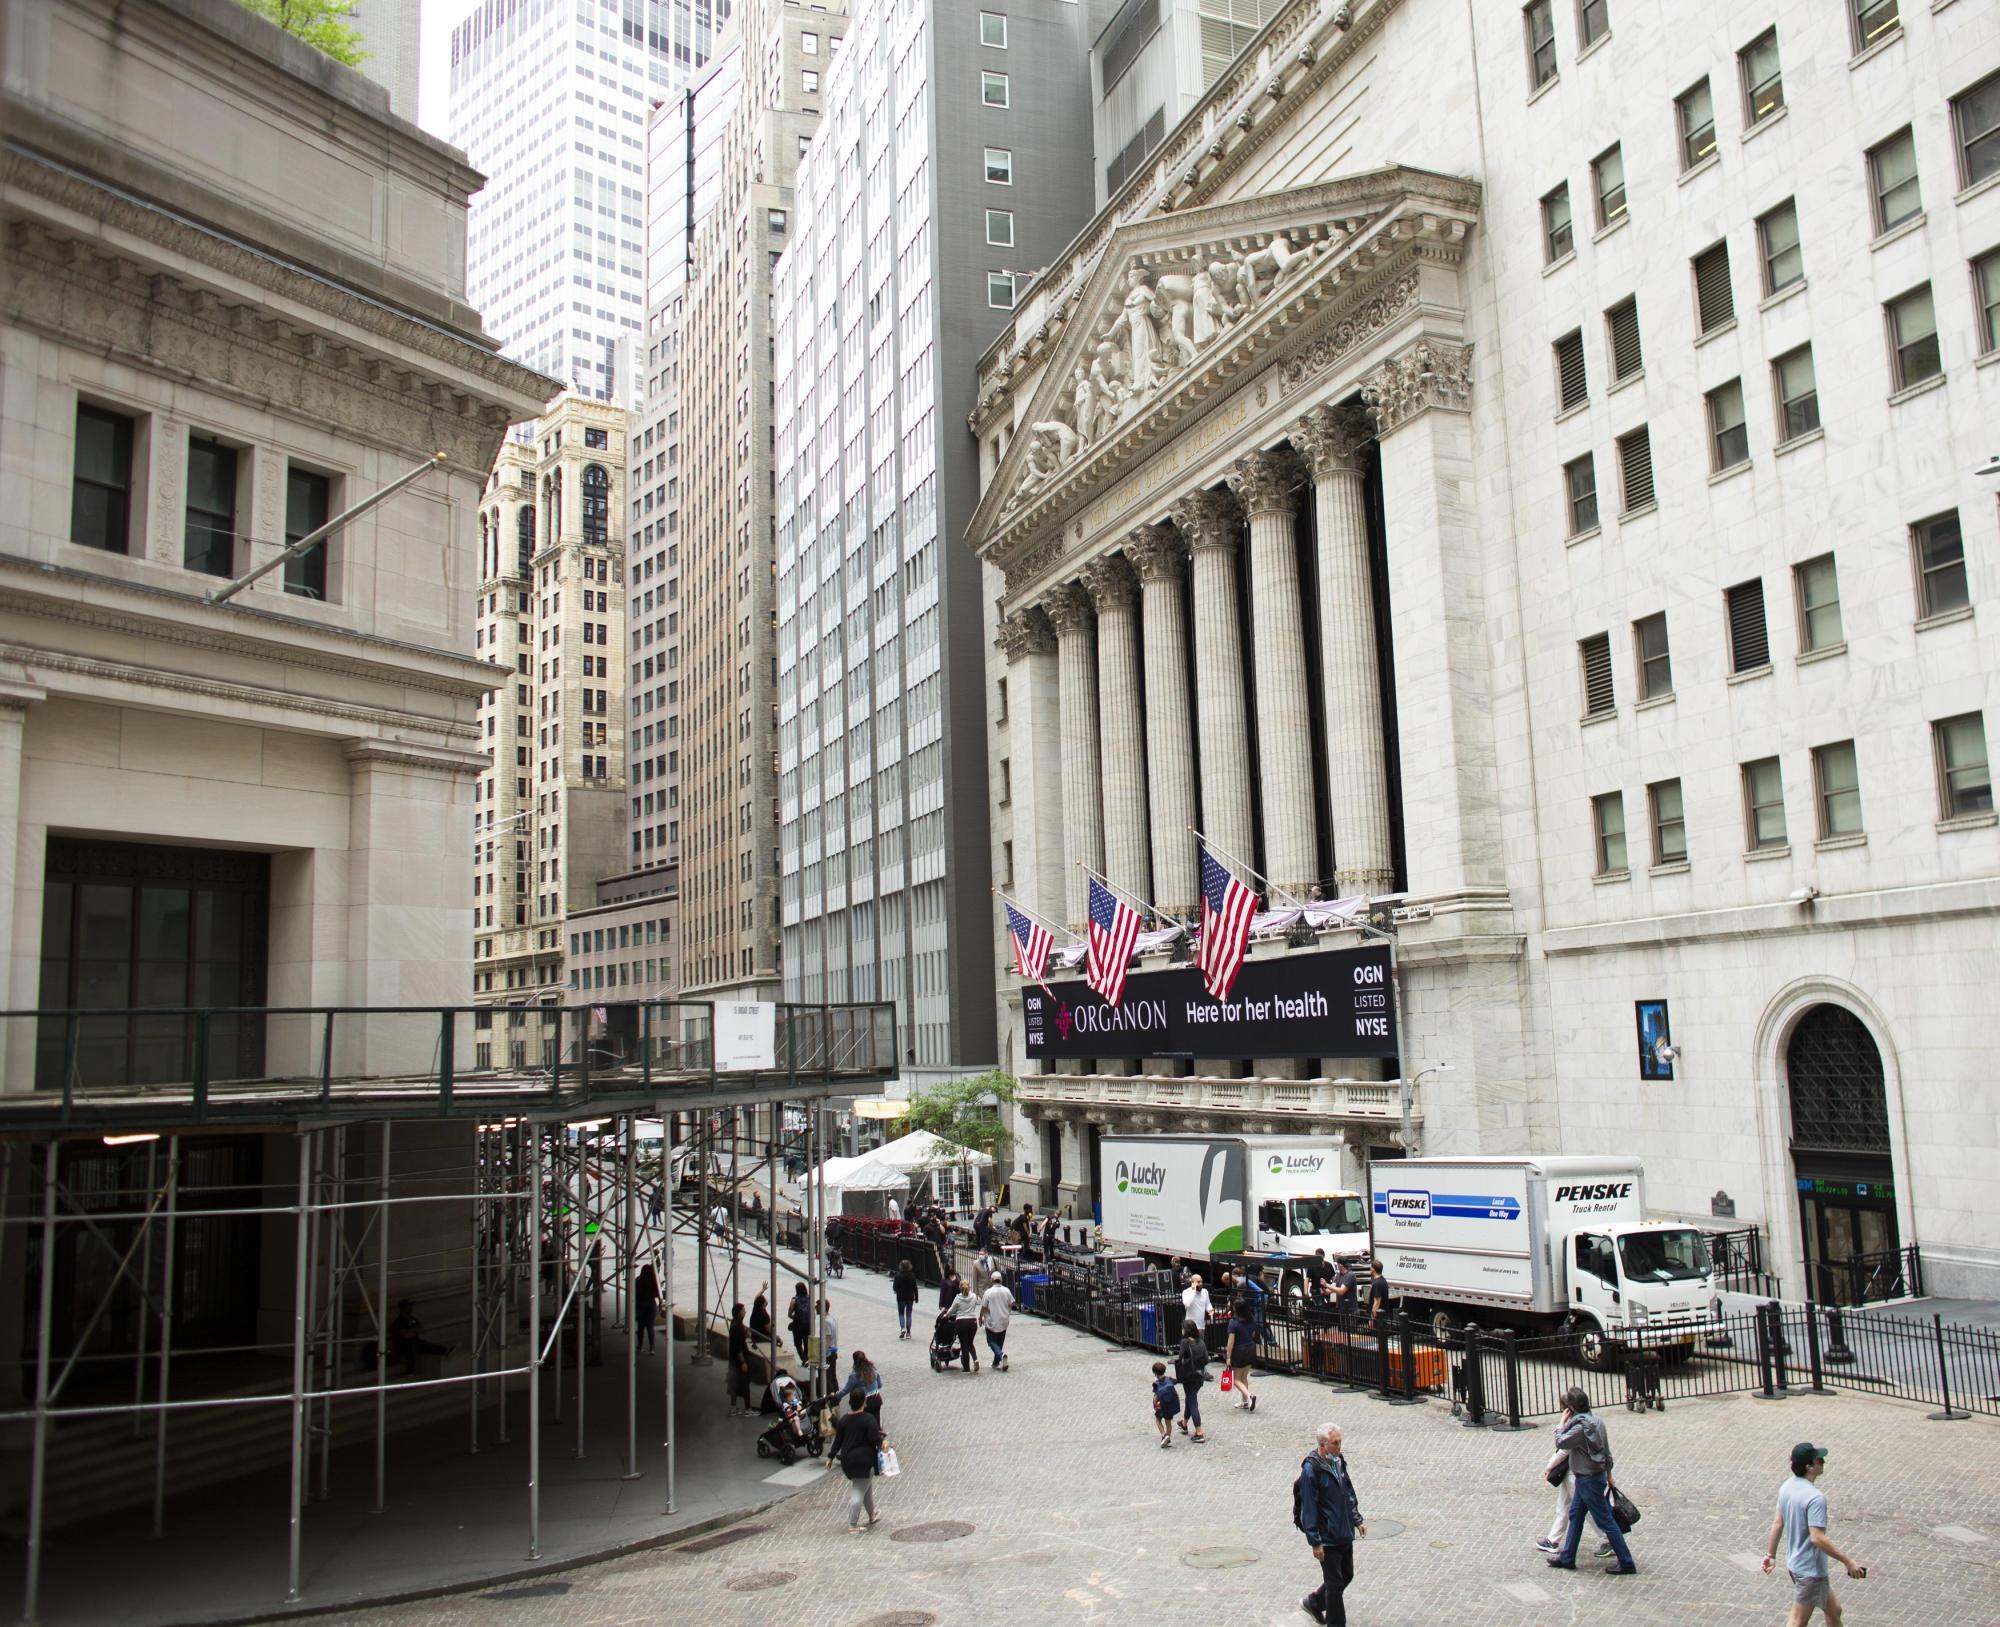 Notícias do mercado de ações, atualizações ao vivo: S&P 500, Dow Futures caem para rastrear a queda nos preços do petróleo – Yahoo Finance